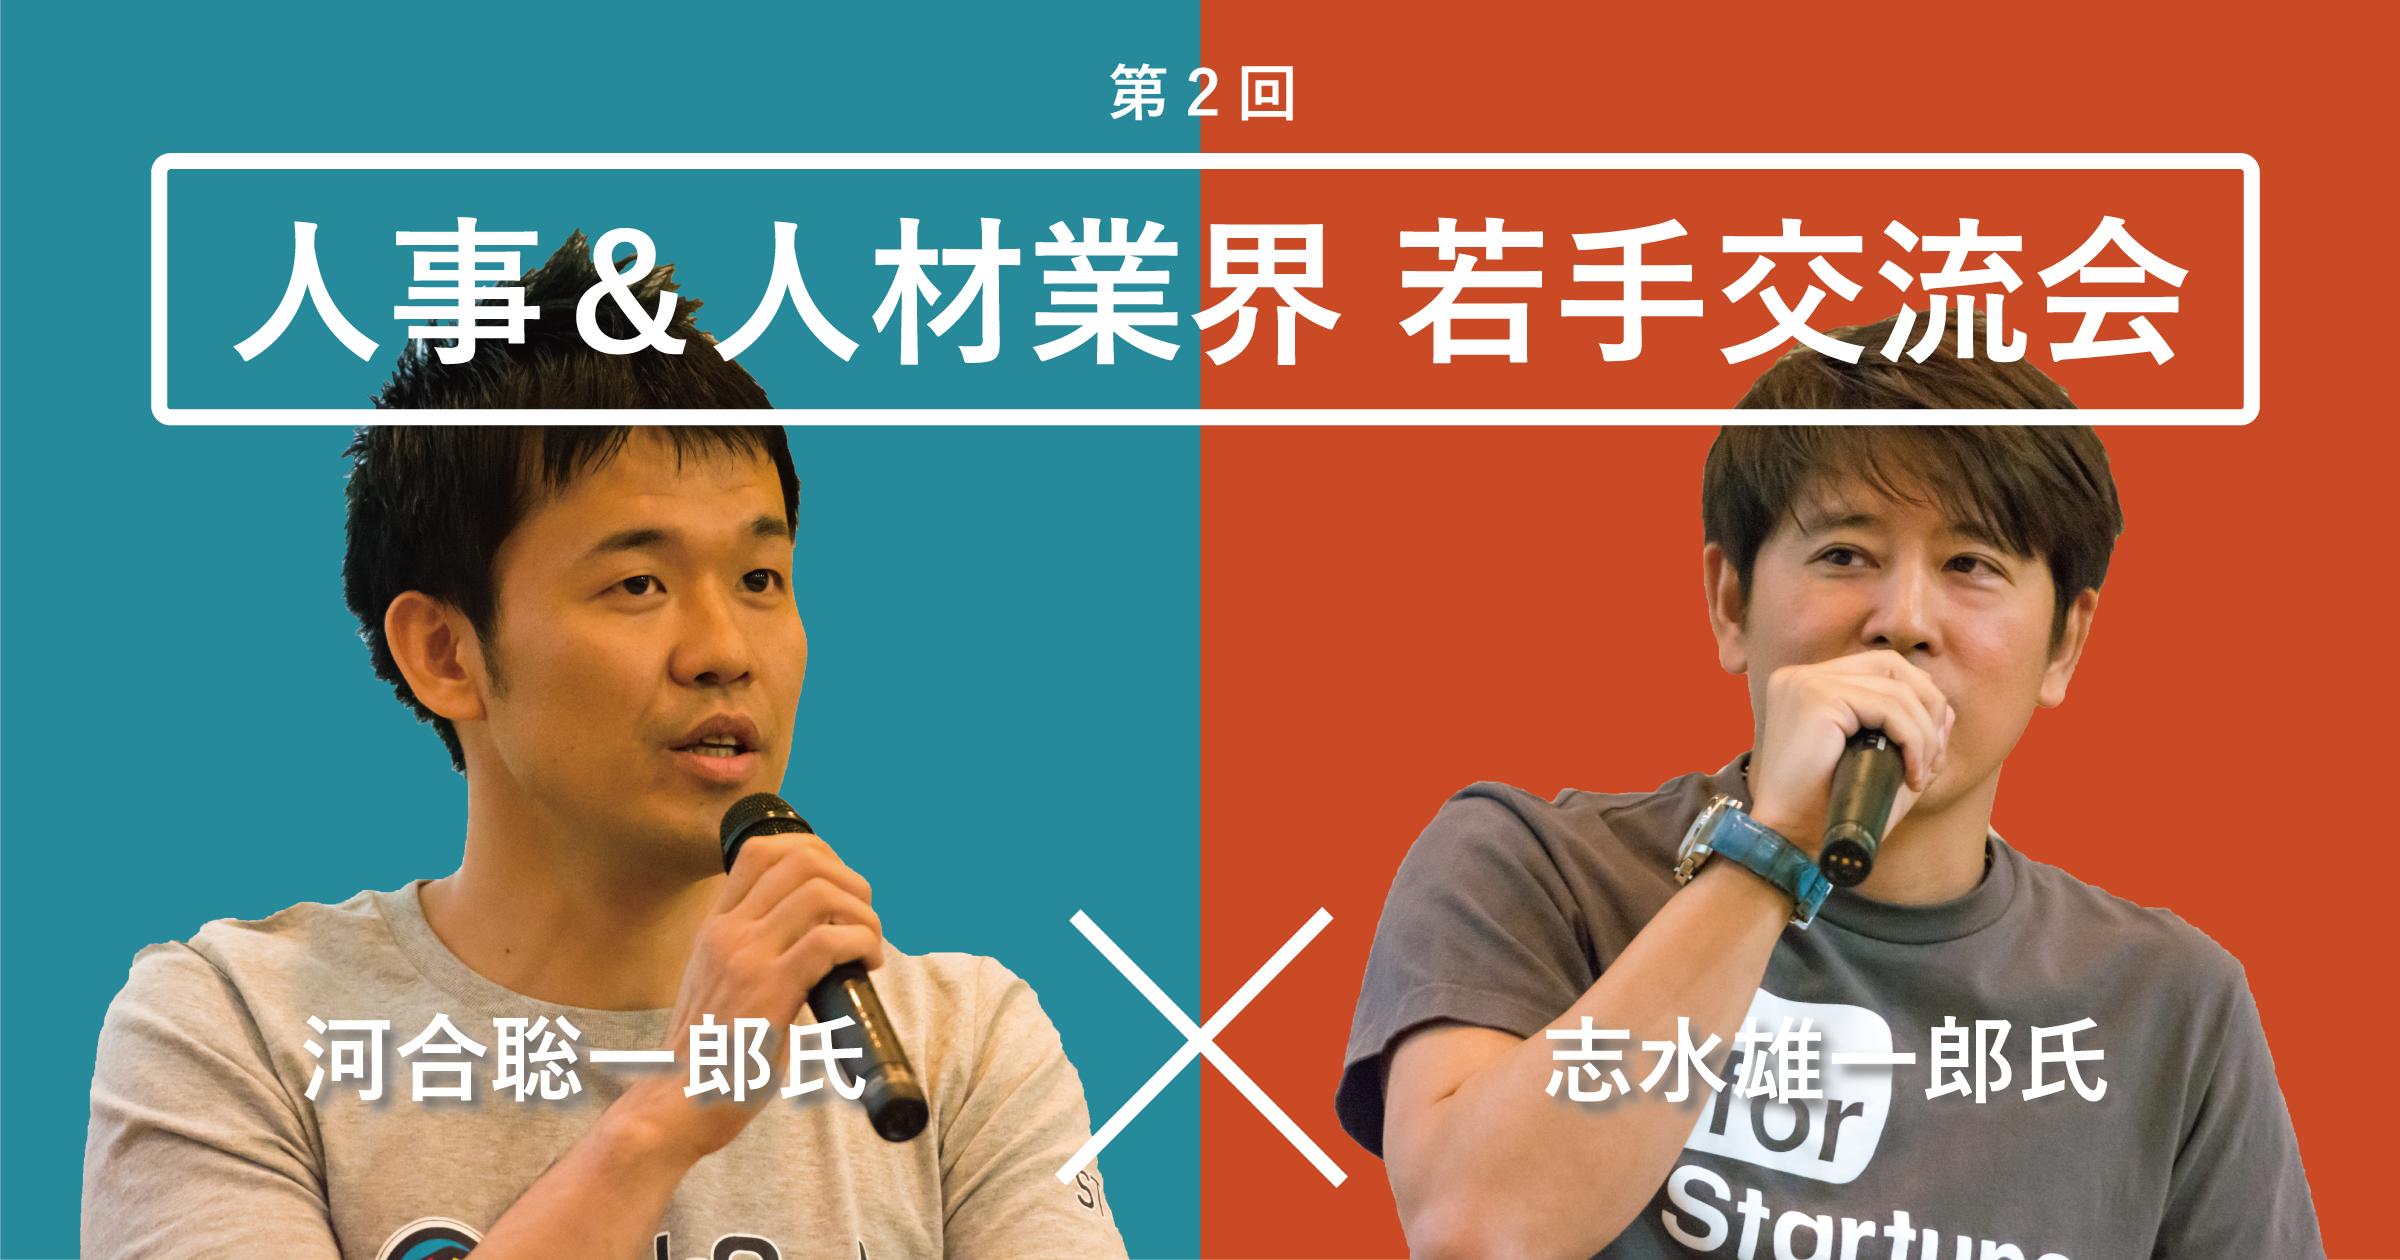 【イベントレポート】300名の人事&人材業界の若手が集まる交流会